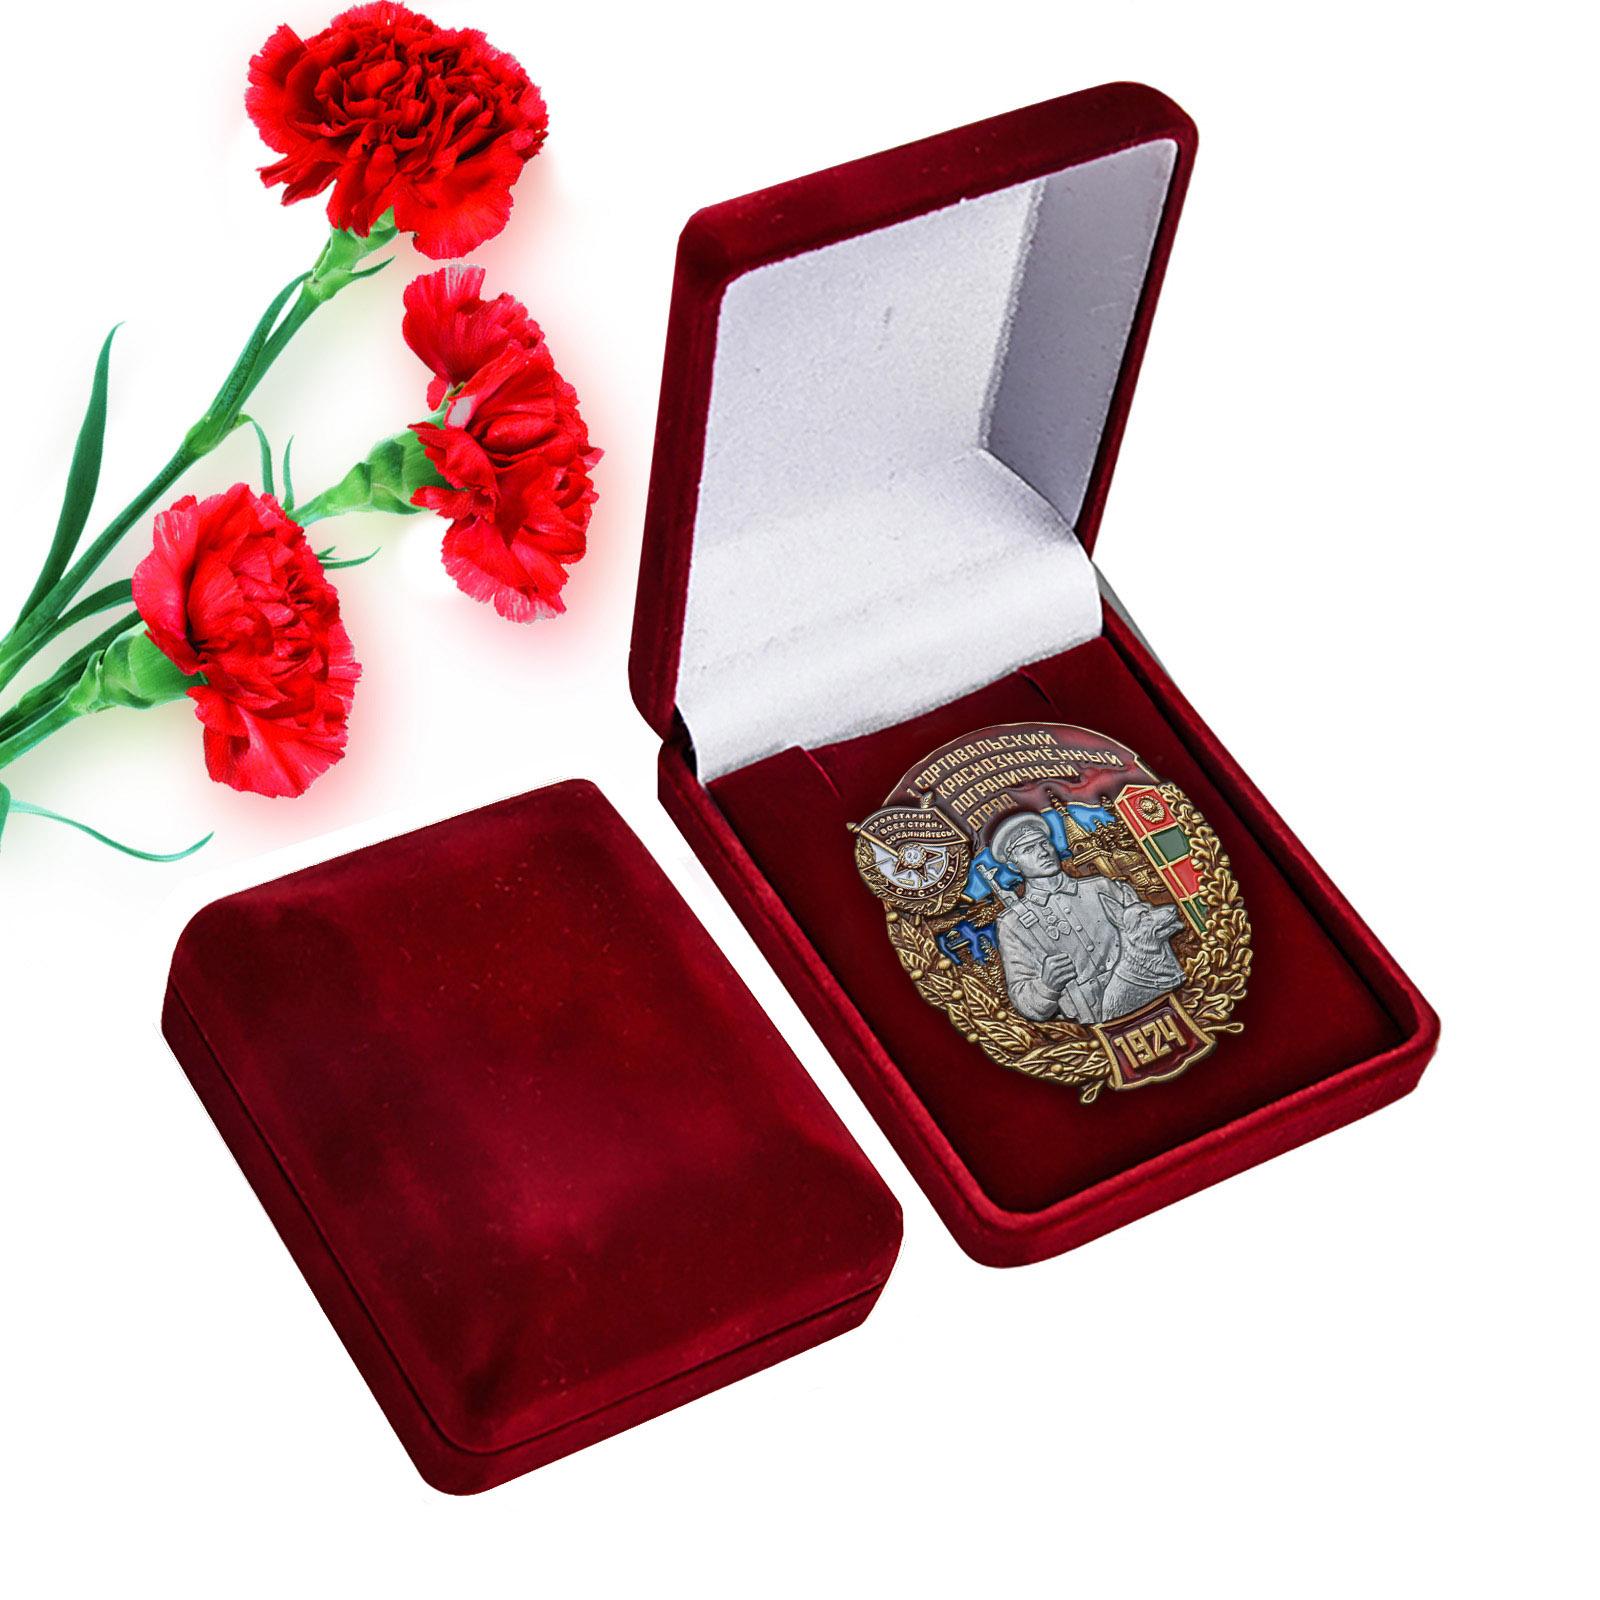 Купить знак 1 Сортавальский Краснознамённый Пограничный отряд в подарок